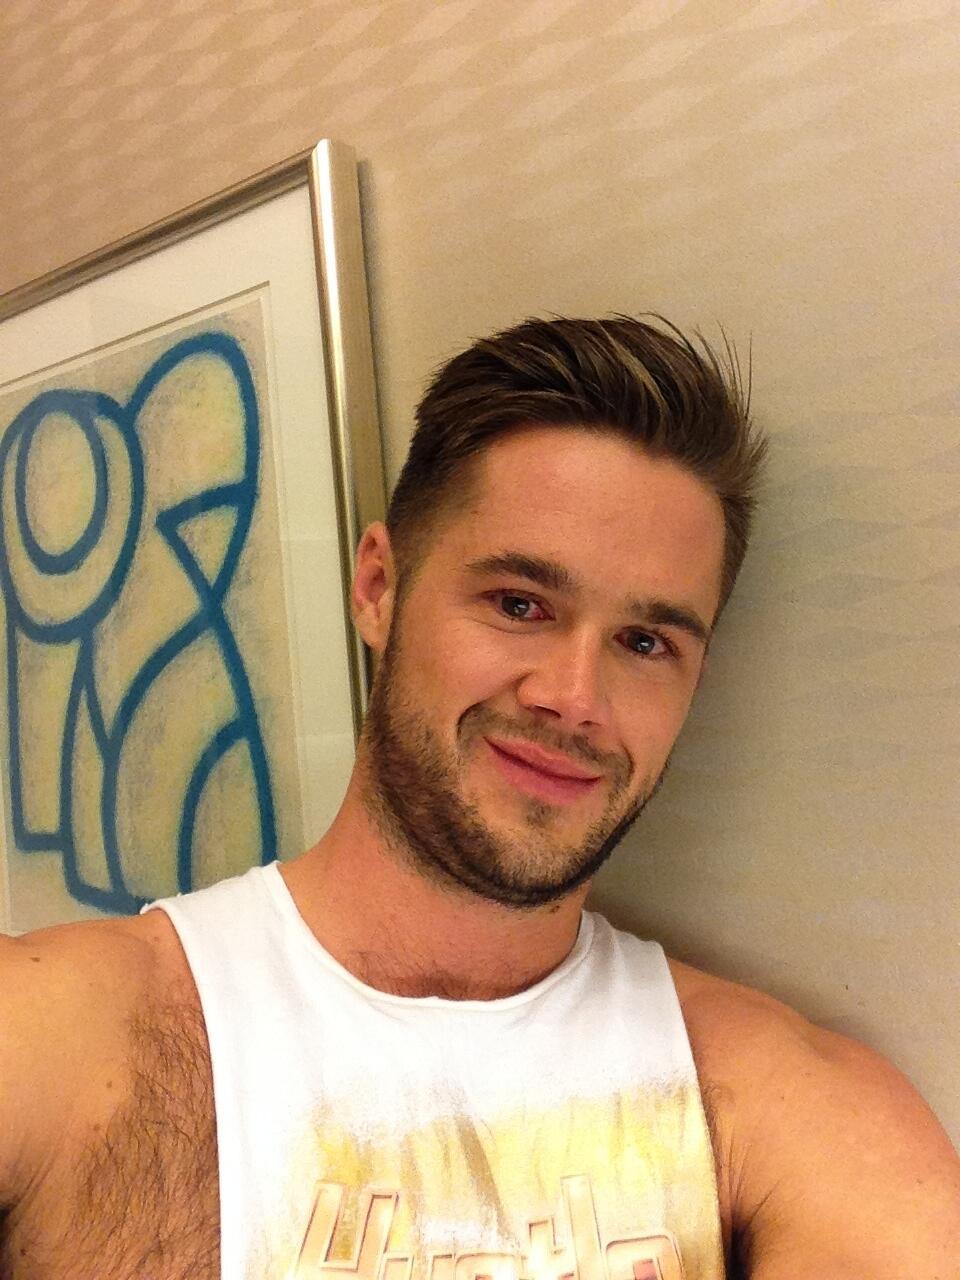 Mike de Marko on Twitter: Random bathroom selfie from